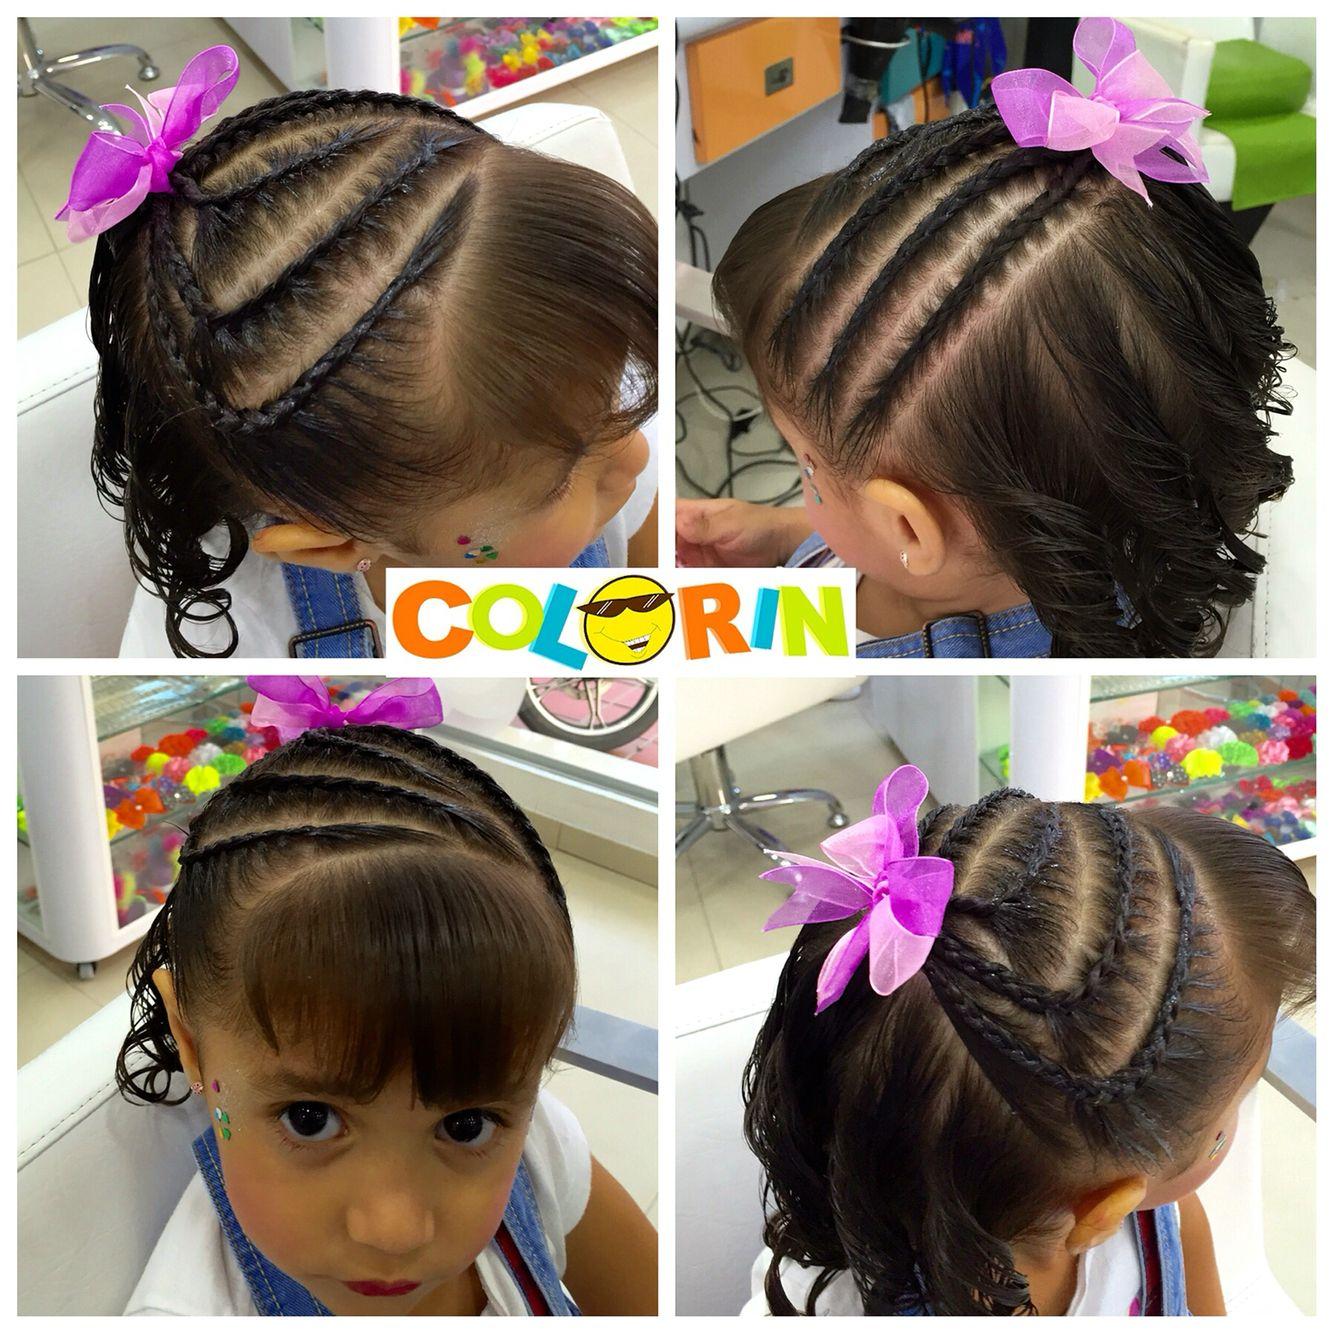 En Colorin Peluquerias Los Mejores Peinados Y Trenzas Para El